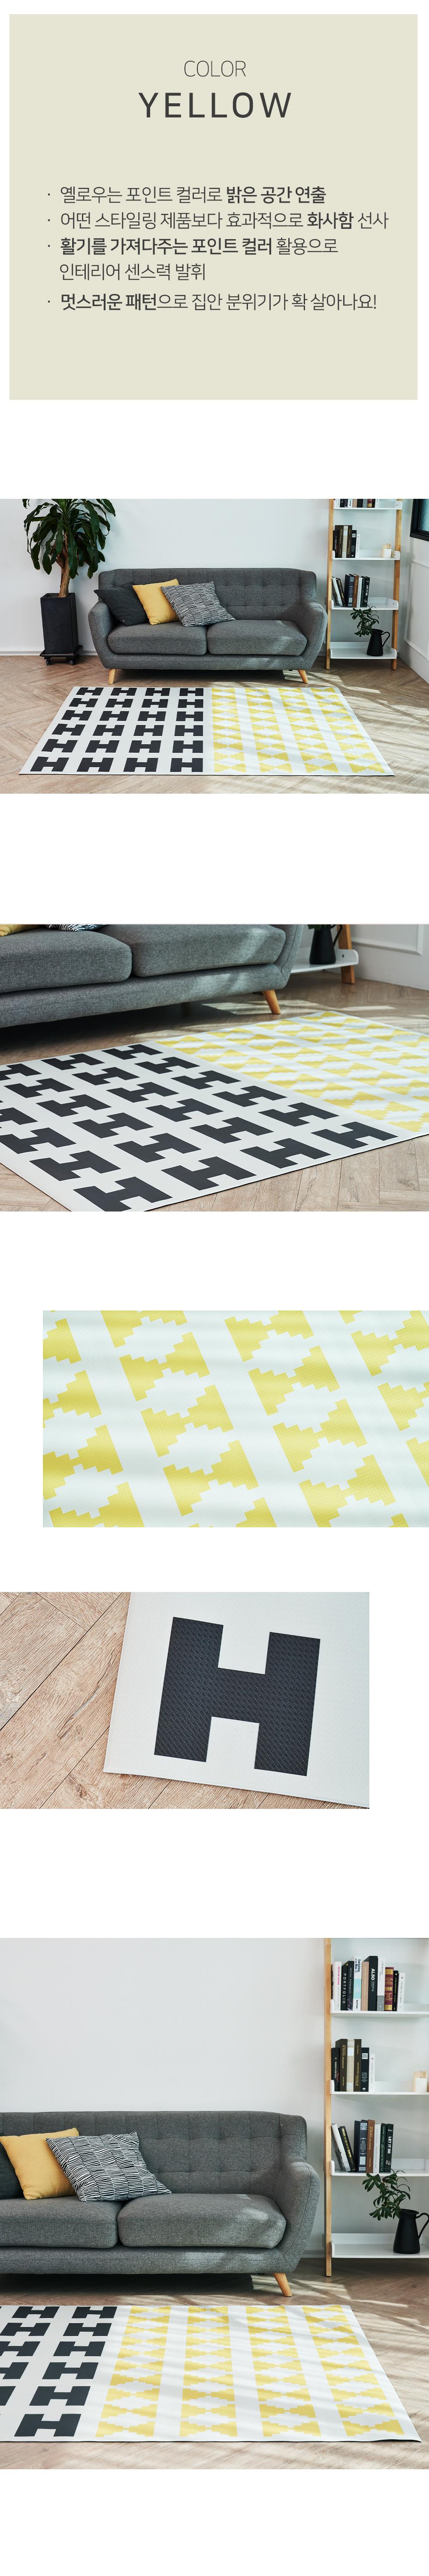 North Europe Waterproof Cushioning buybeam pvc mat rug carpet yellow photo